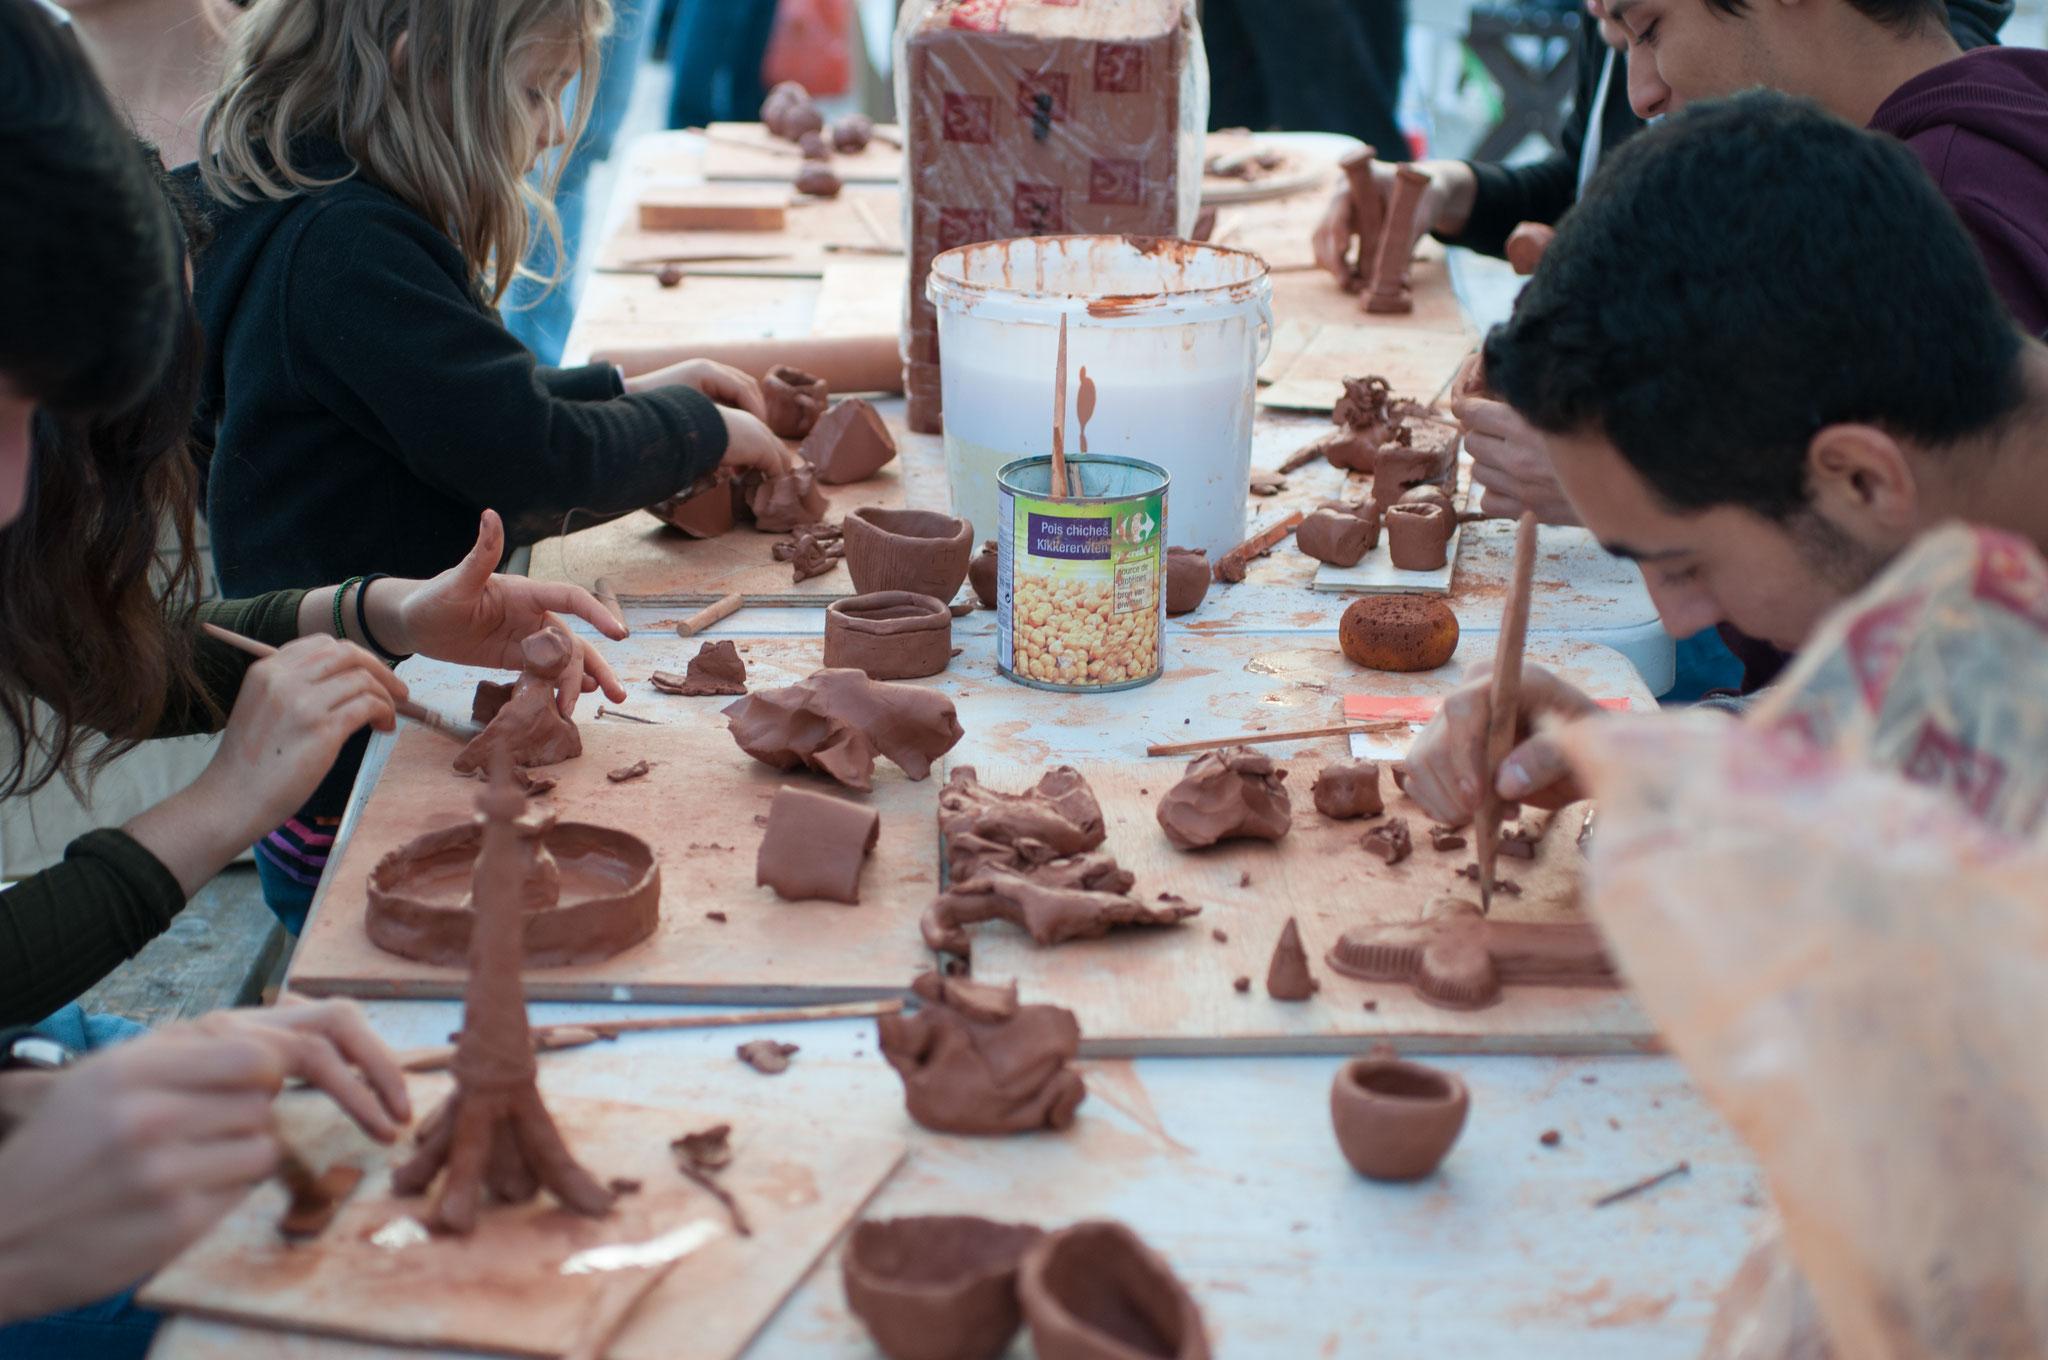 image9 36 | Terre et Terres | Marché Toulouse | Les Allées Céramique à Toulouse les 8 et 9 octobre 2016 | Article | Terre et Terres | 1 novembre 2017